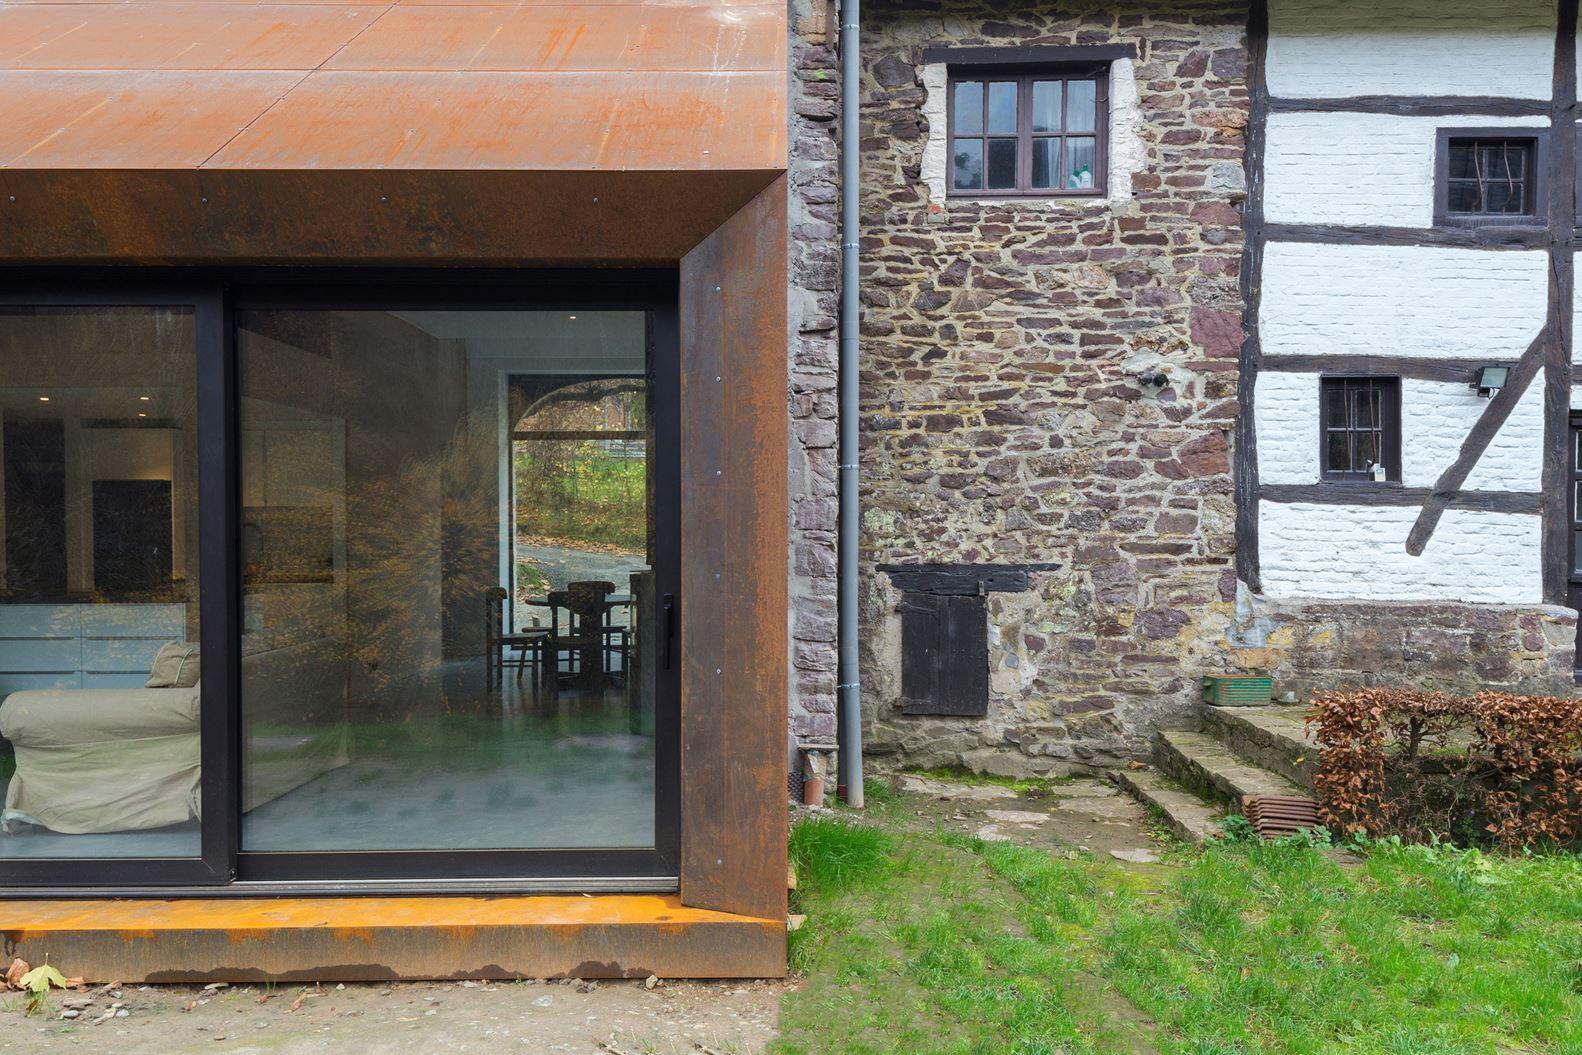 Ristrutturazione e ampliamento di una casa rustica - Ampliamento casa ...